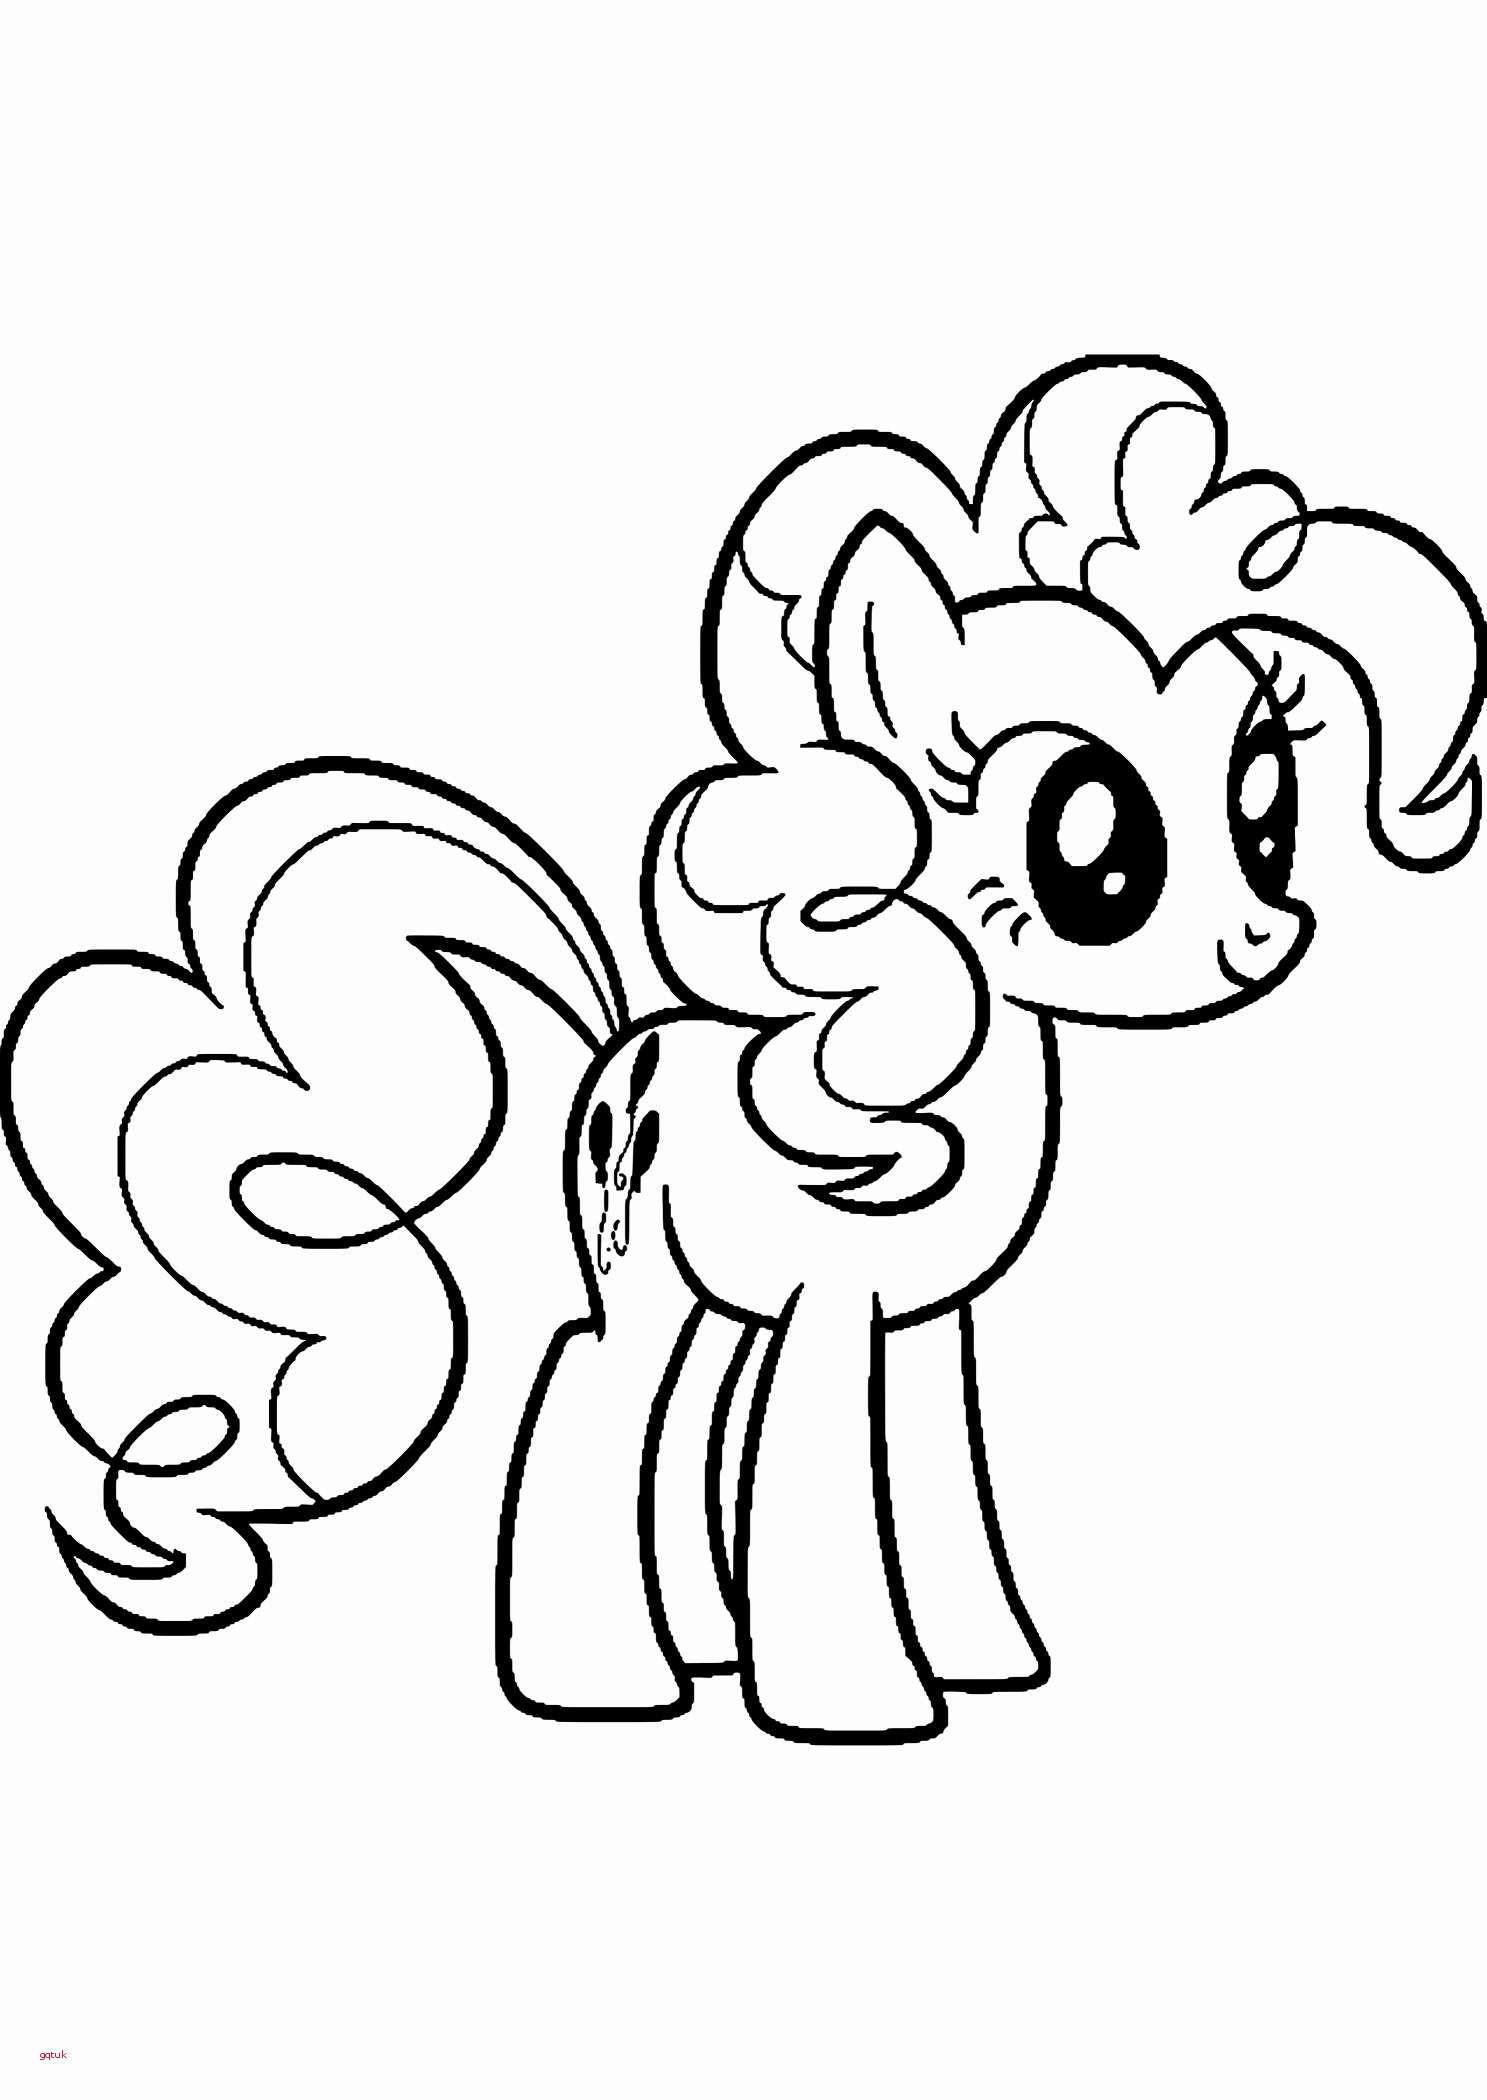 Ausmalbild My Little Pony Frisch Equestria Girls Pinkie Pie Coloring Pages Free Ausmalbilder My Fotografieren